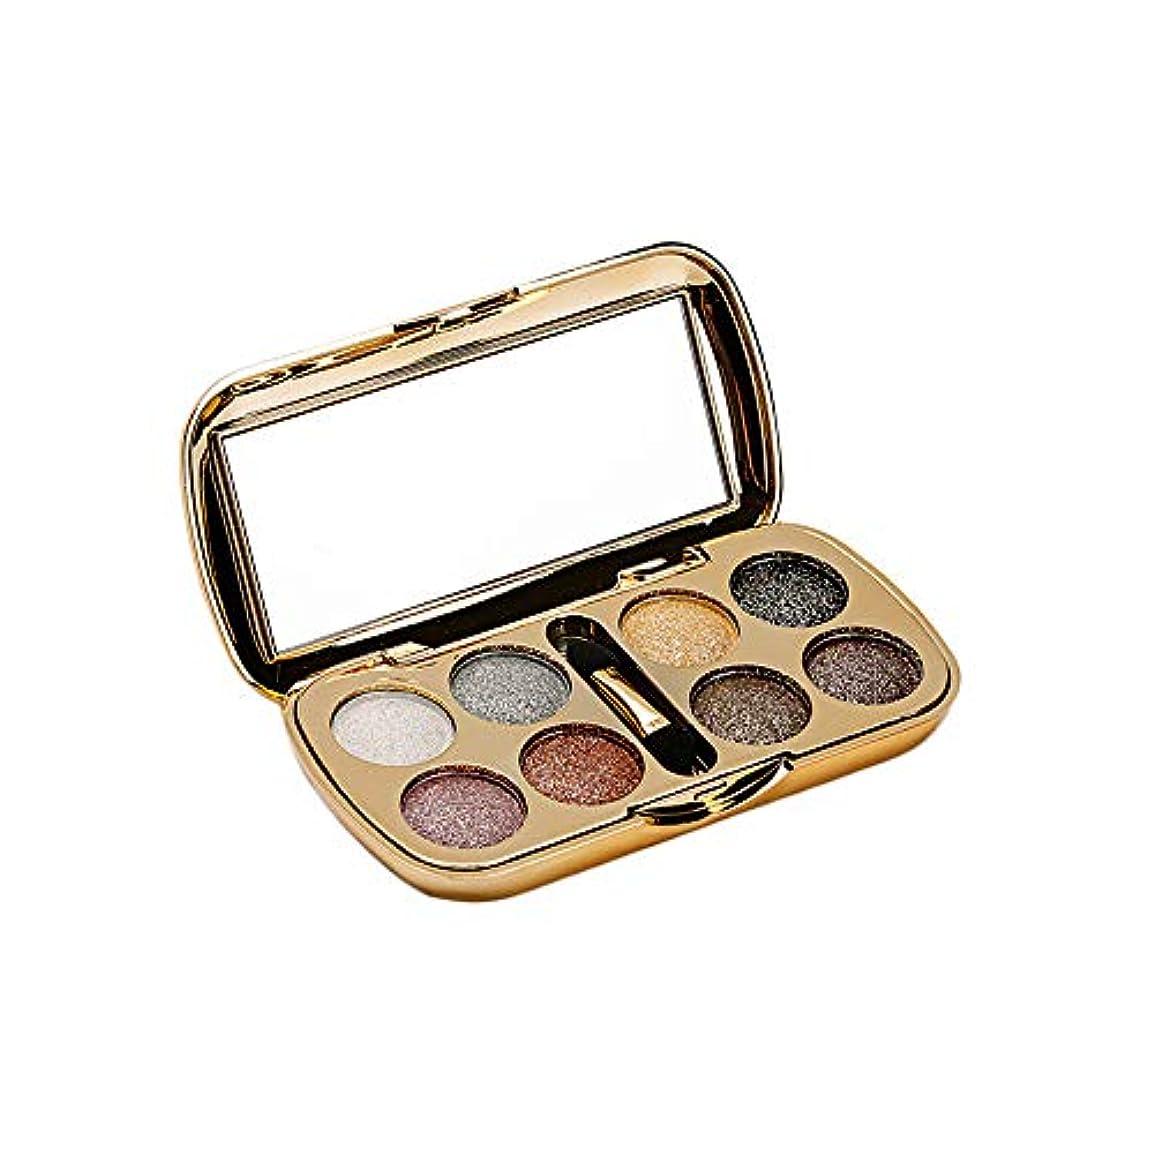 眩惑するまたねいろいろAkane アイシャドウパレット Lameila 綺麗 魅力的 ファッション 人気 気質的 キラキラ ダイヤモンド チャーム 防水 長持ち おしゃれ 持ち便利 Eye Shadow (8色) 3551